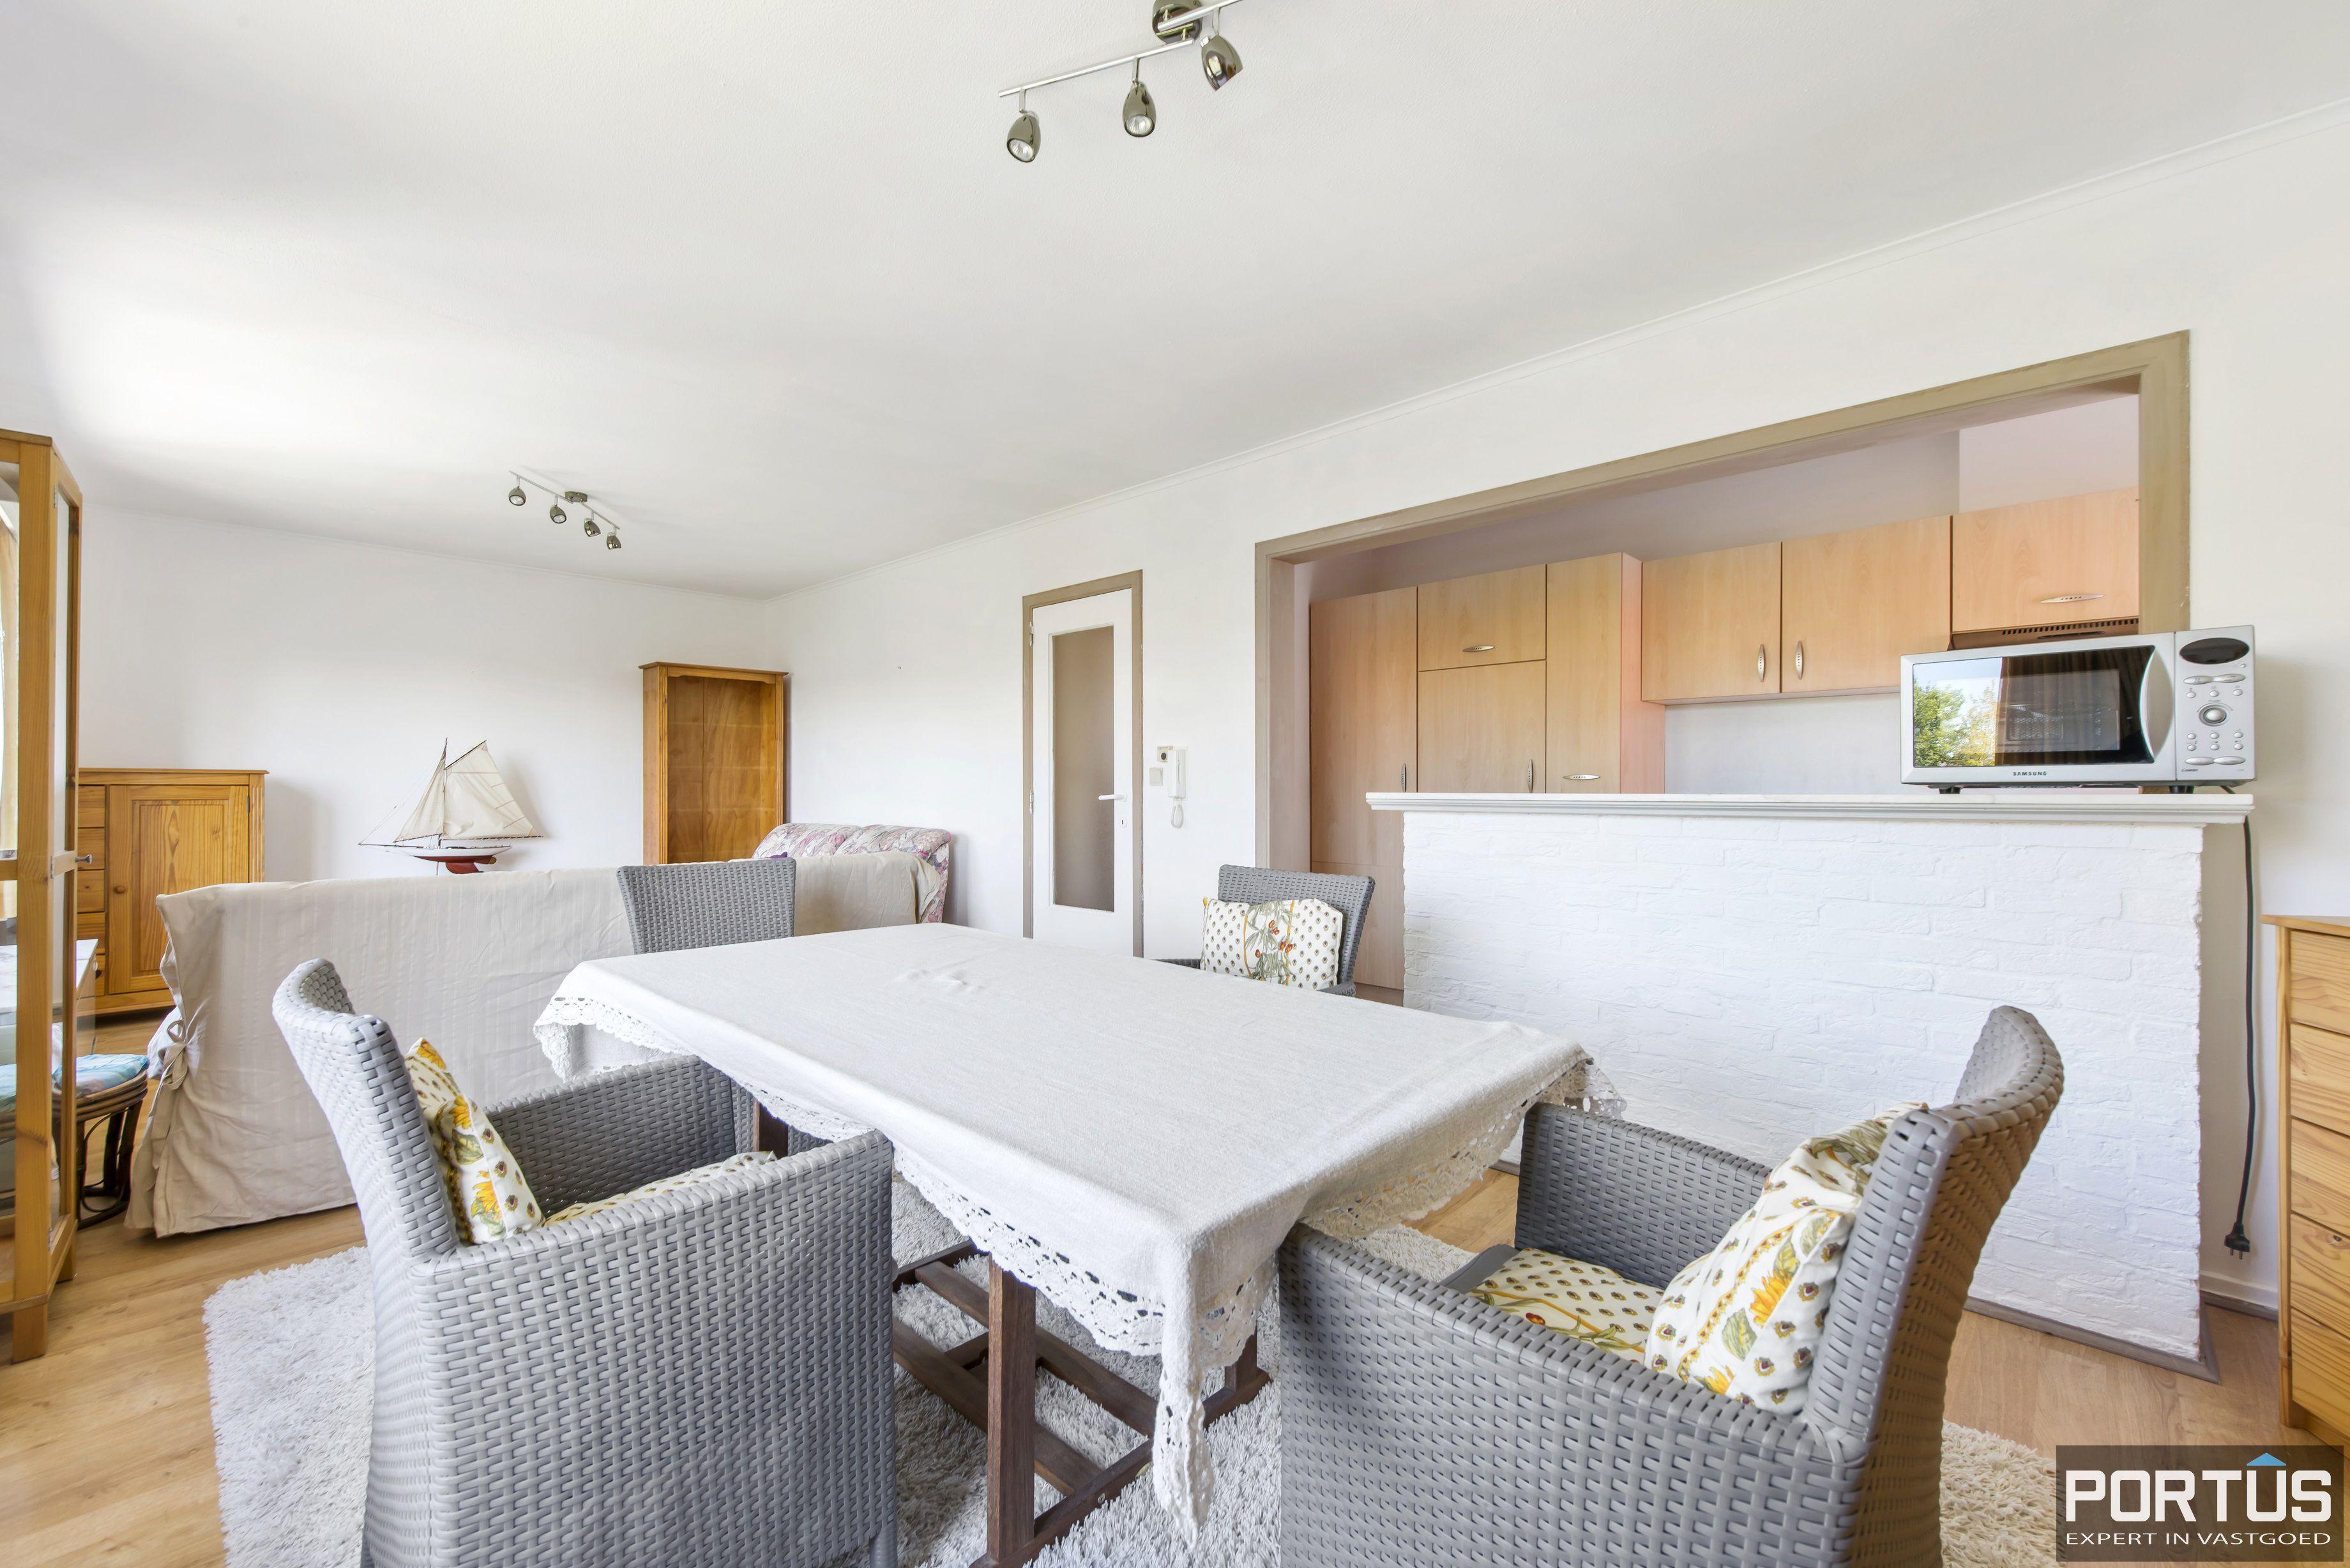 Appartement met 2 slaapkamers te koop te Nieuwpoort - 11137